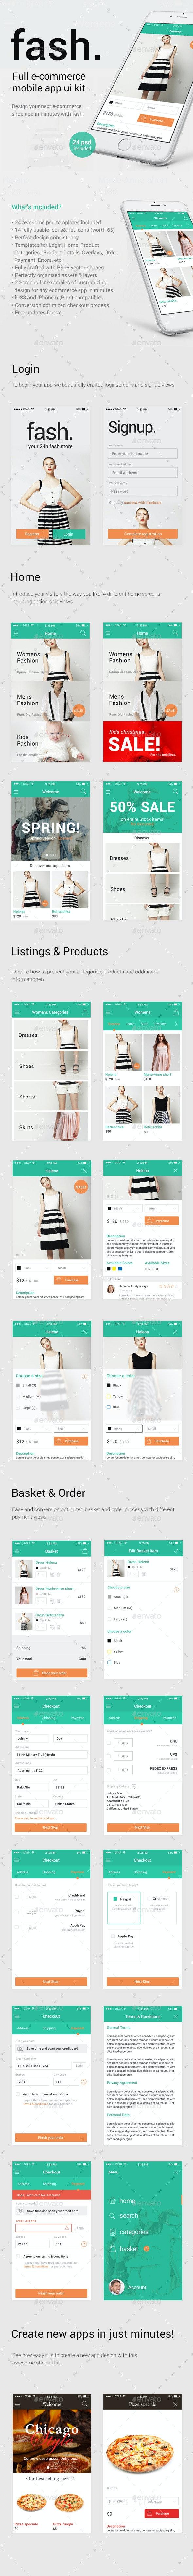 Fash - A Mobile E-Commerce Shop UI Design Kit - User Interfaces Web Elements